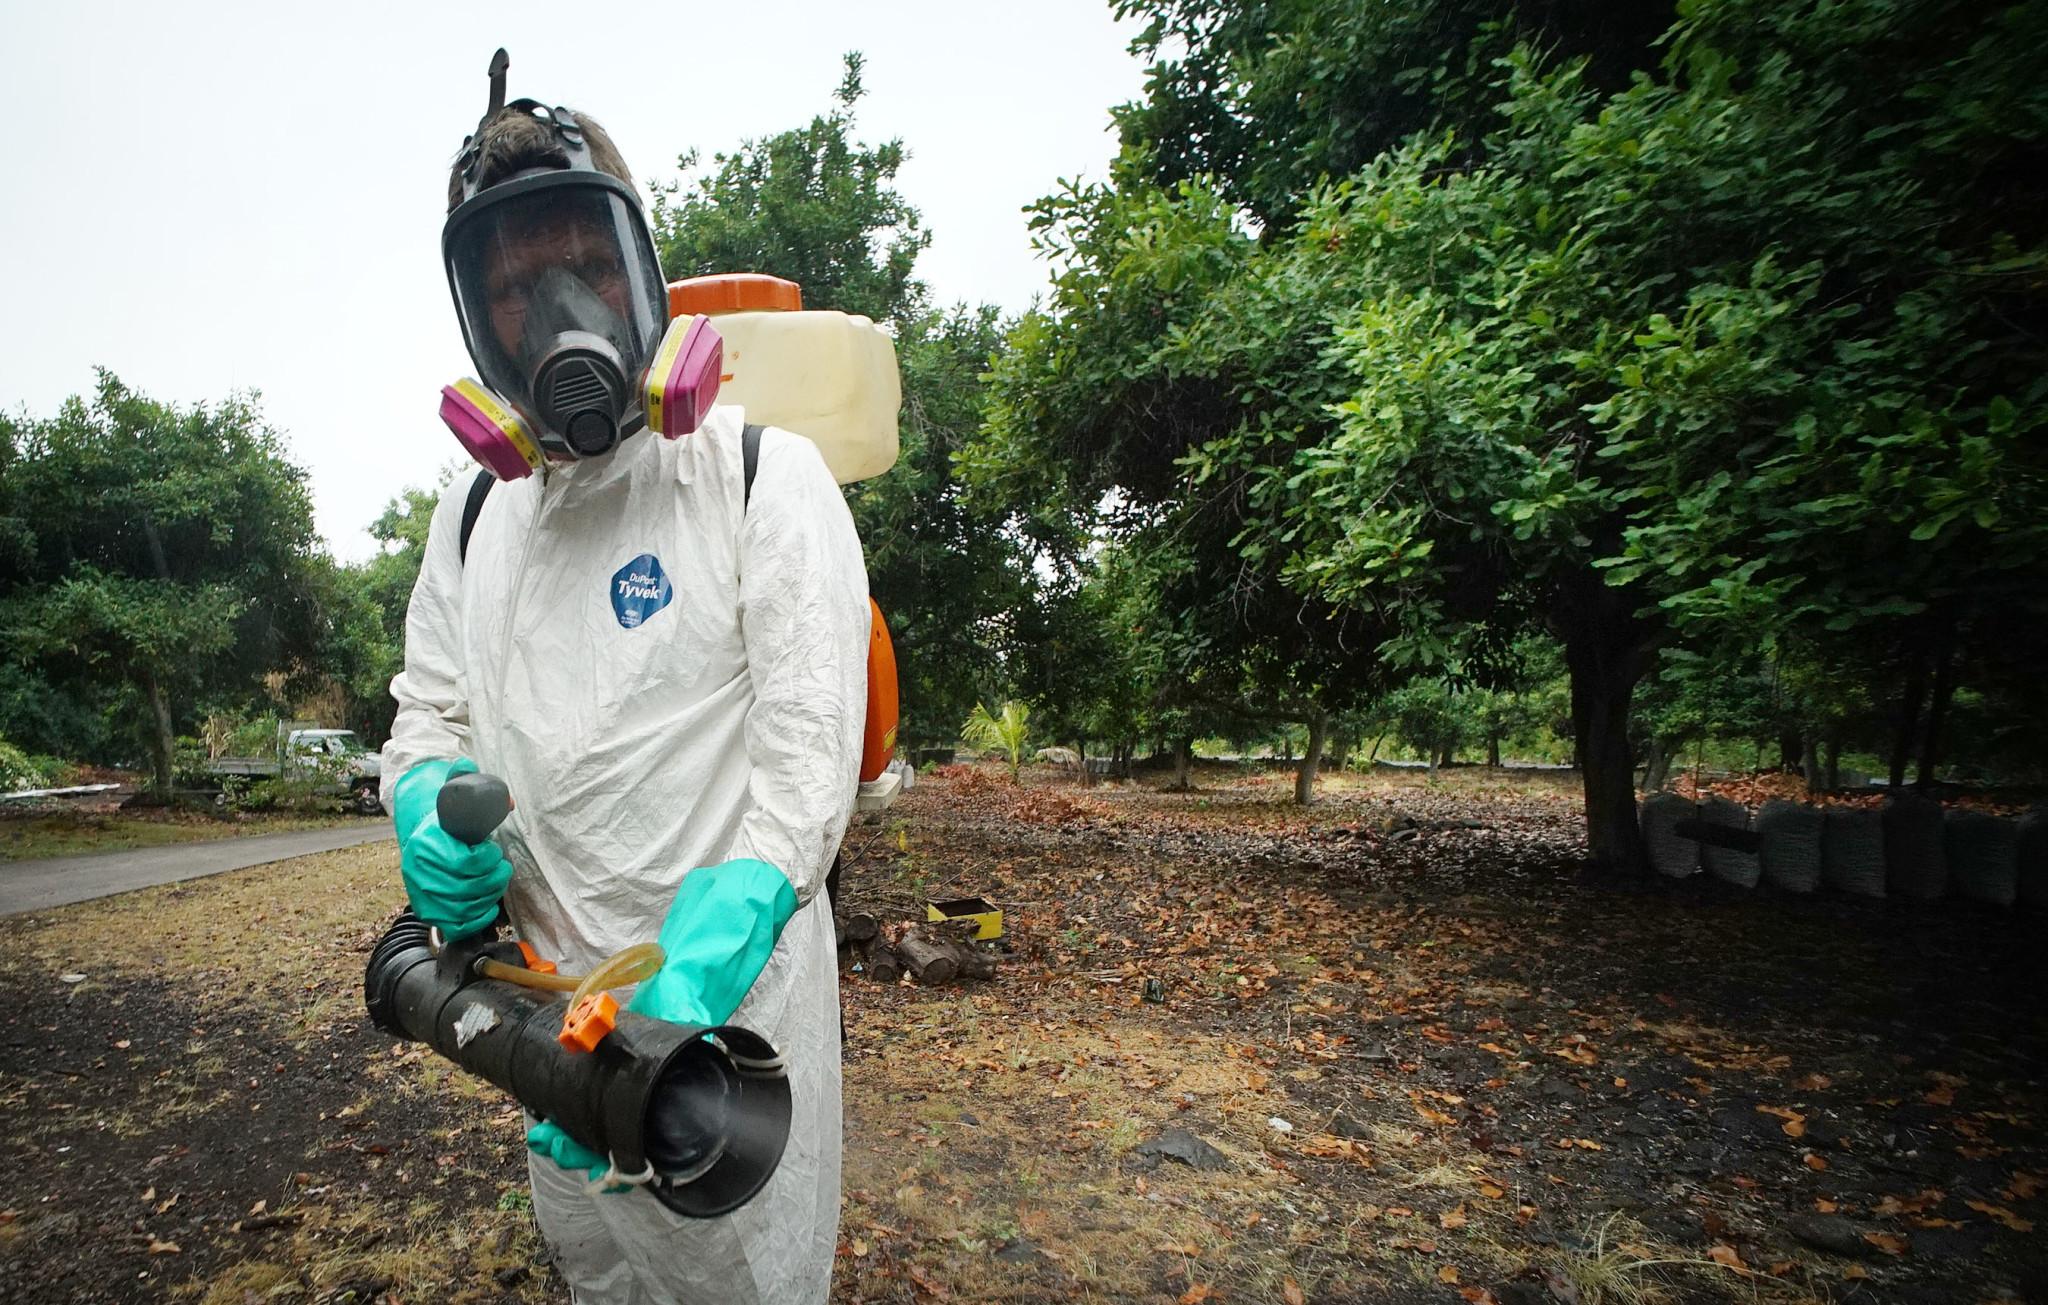 <p>Feb. 18: Big Island resident Bill Cullum uses a gas-powered sprayer to combat mosquitoes during a dengue fever outbreak. <em>Cory Lum/Civil Beat</em></p>